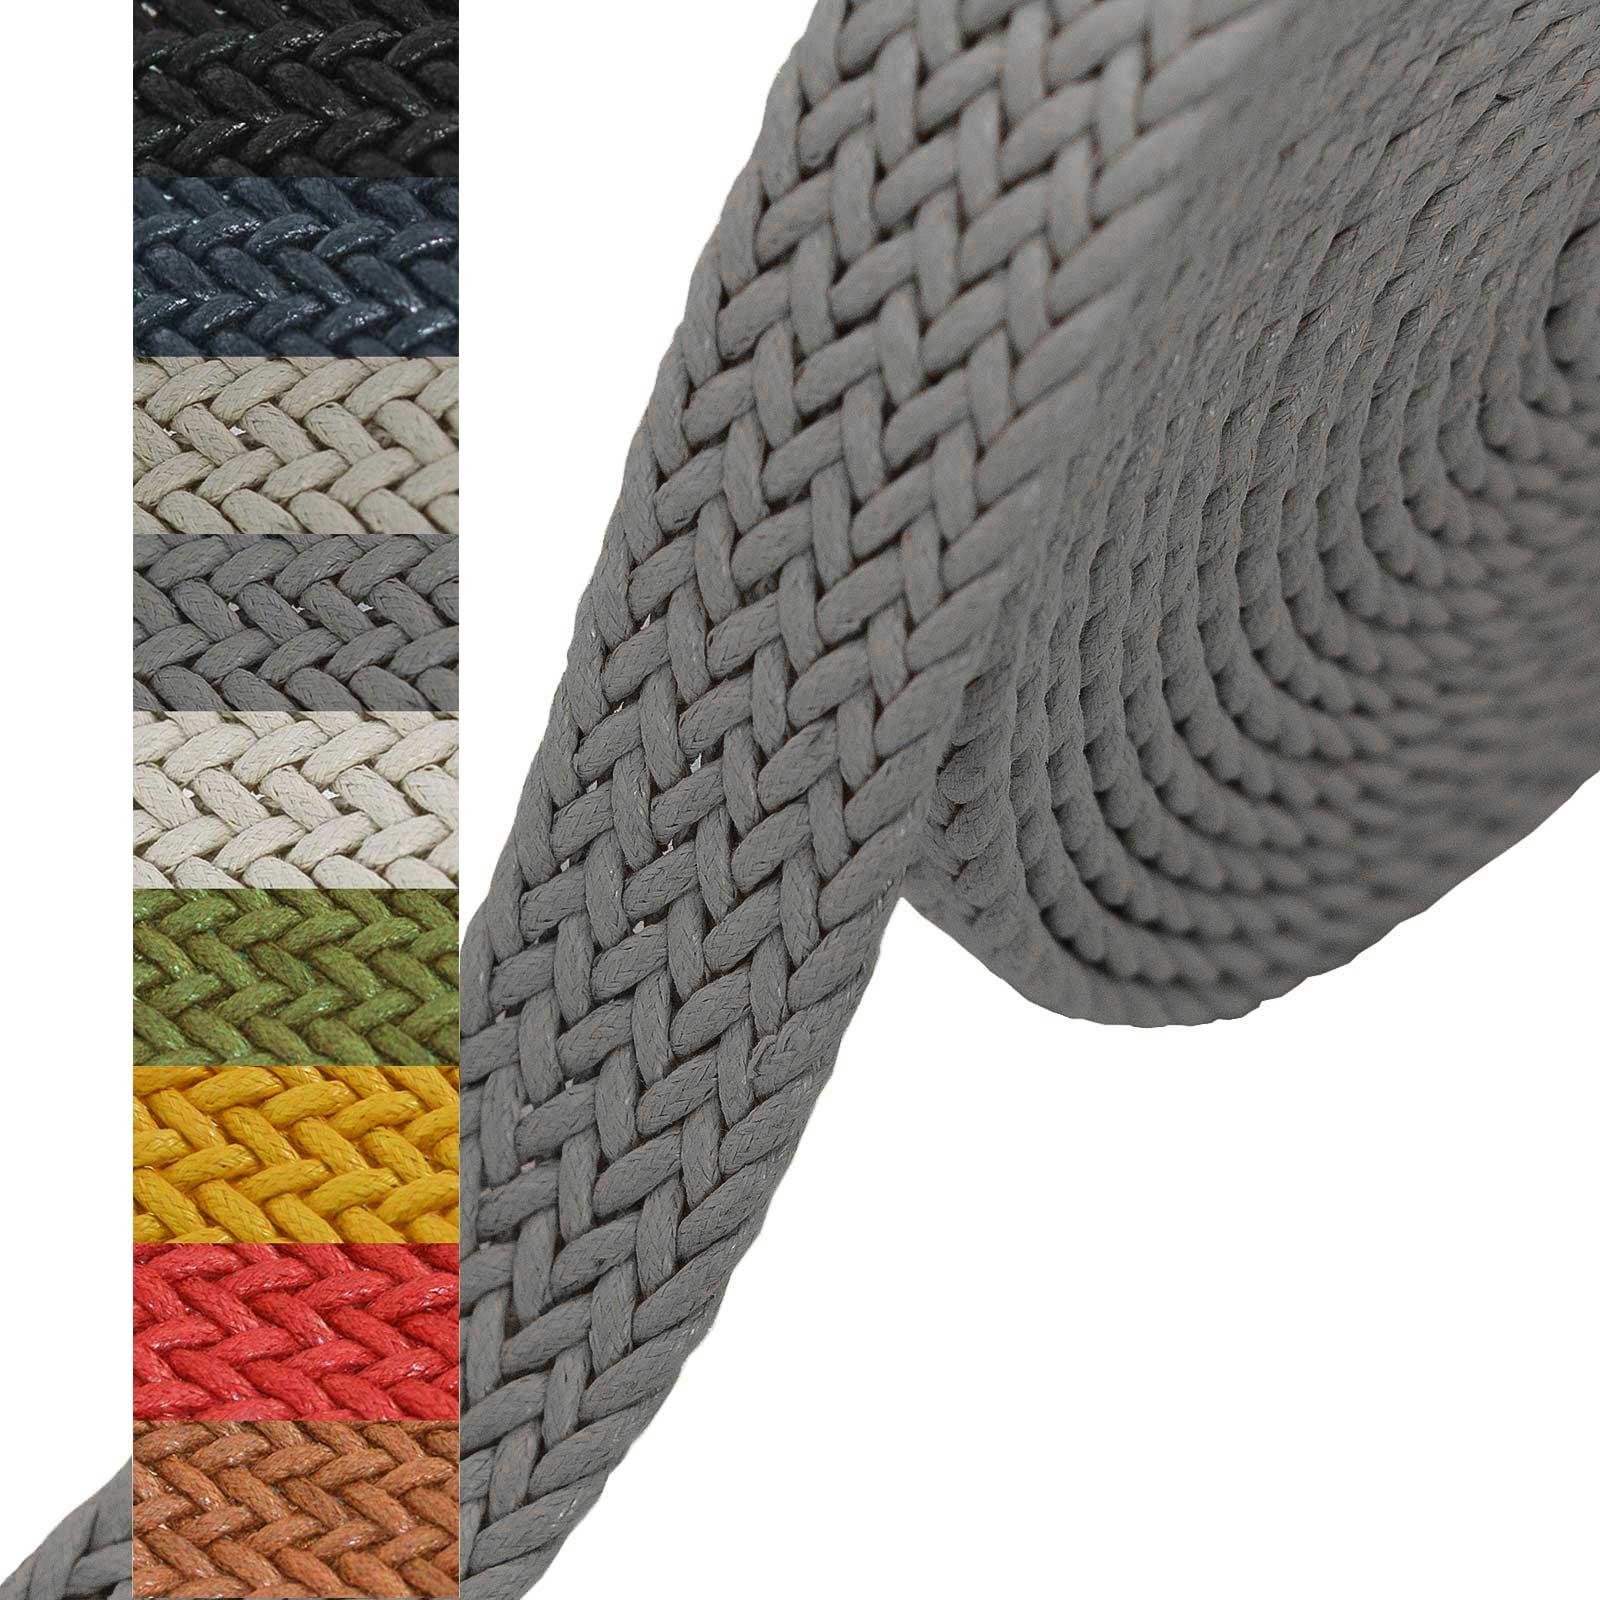 1m Gurtband geflochten Gurte Gurtbänder Kurzwaren Tragegurt Taschengurt Variantenwahl – Bild 22